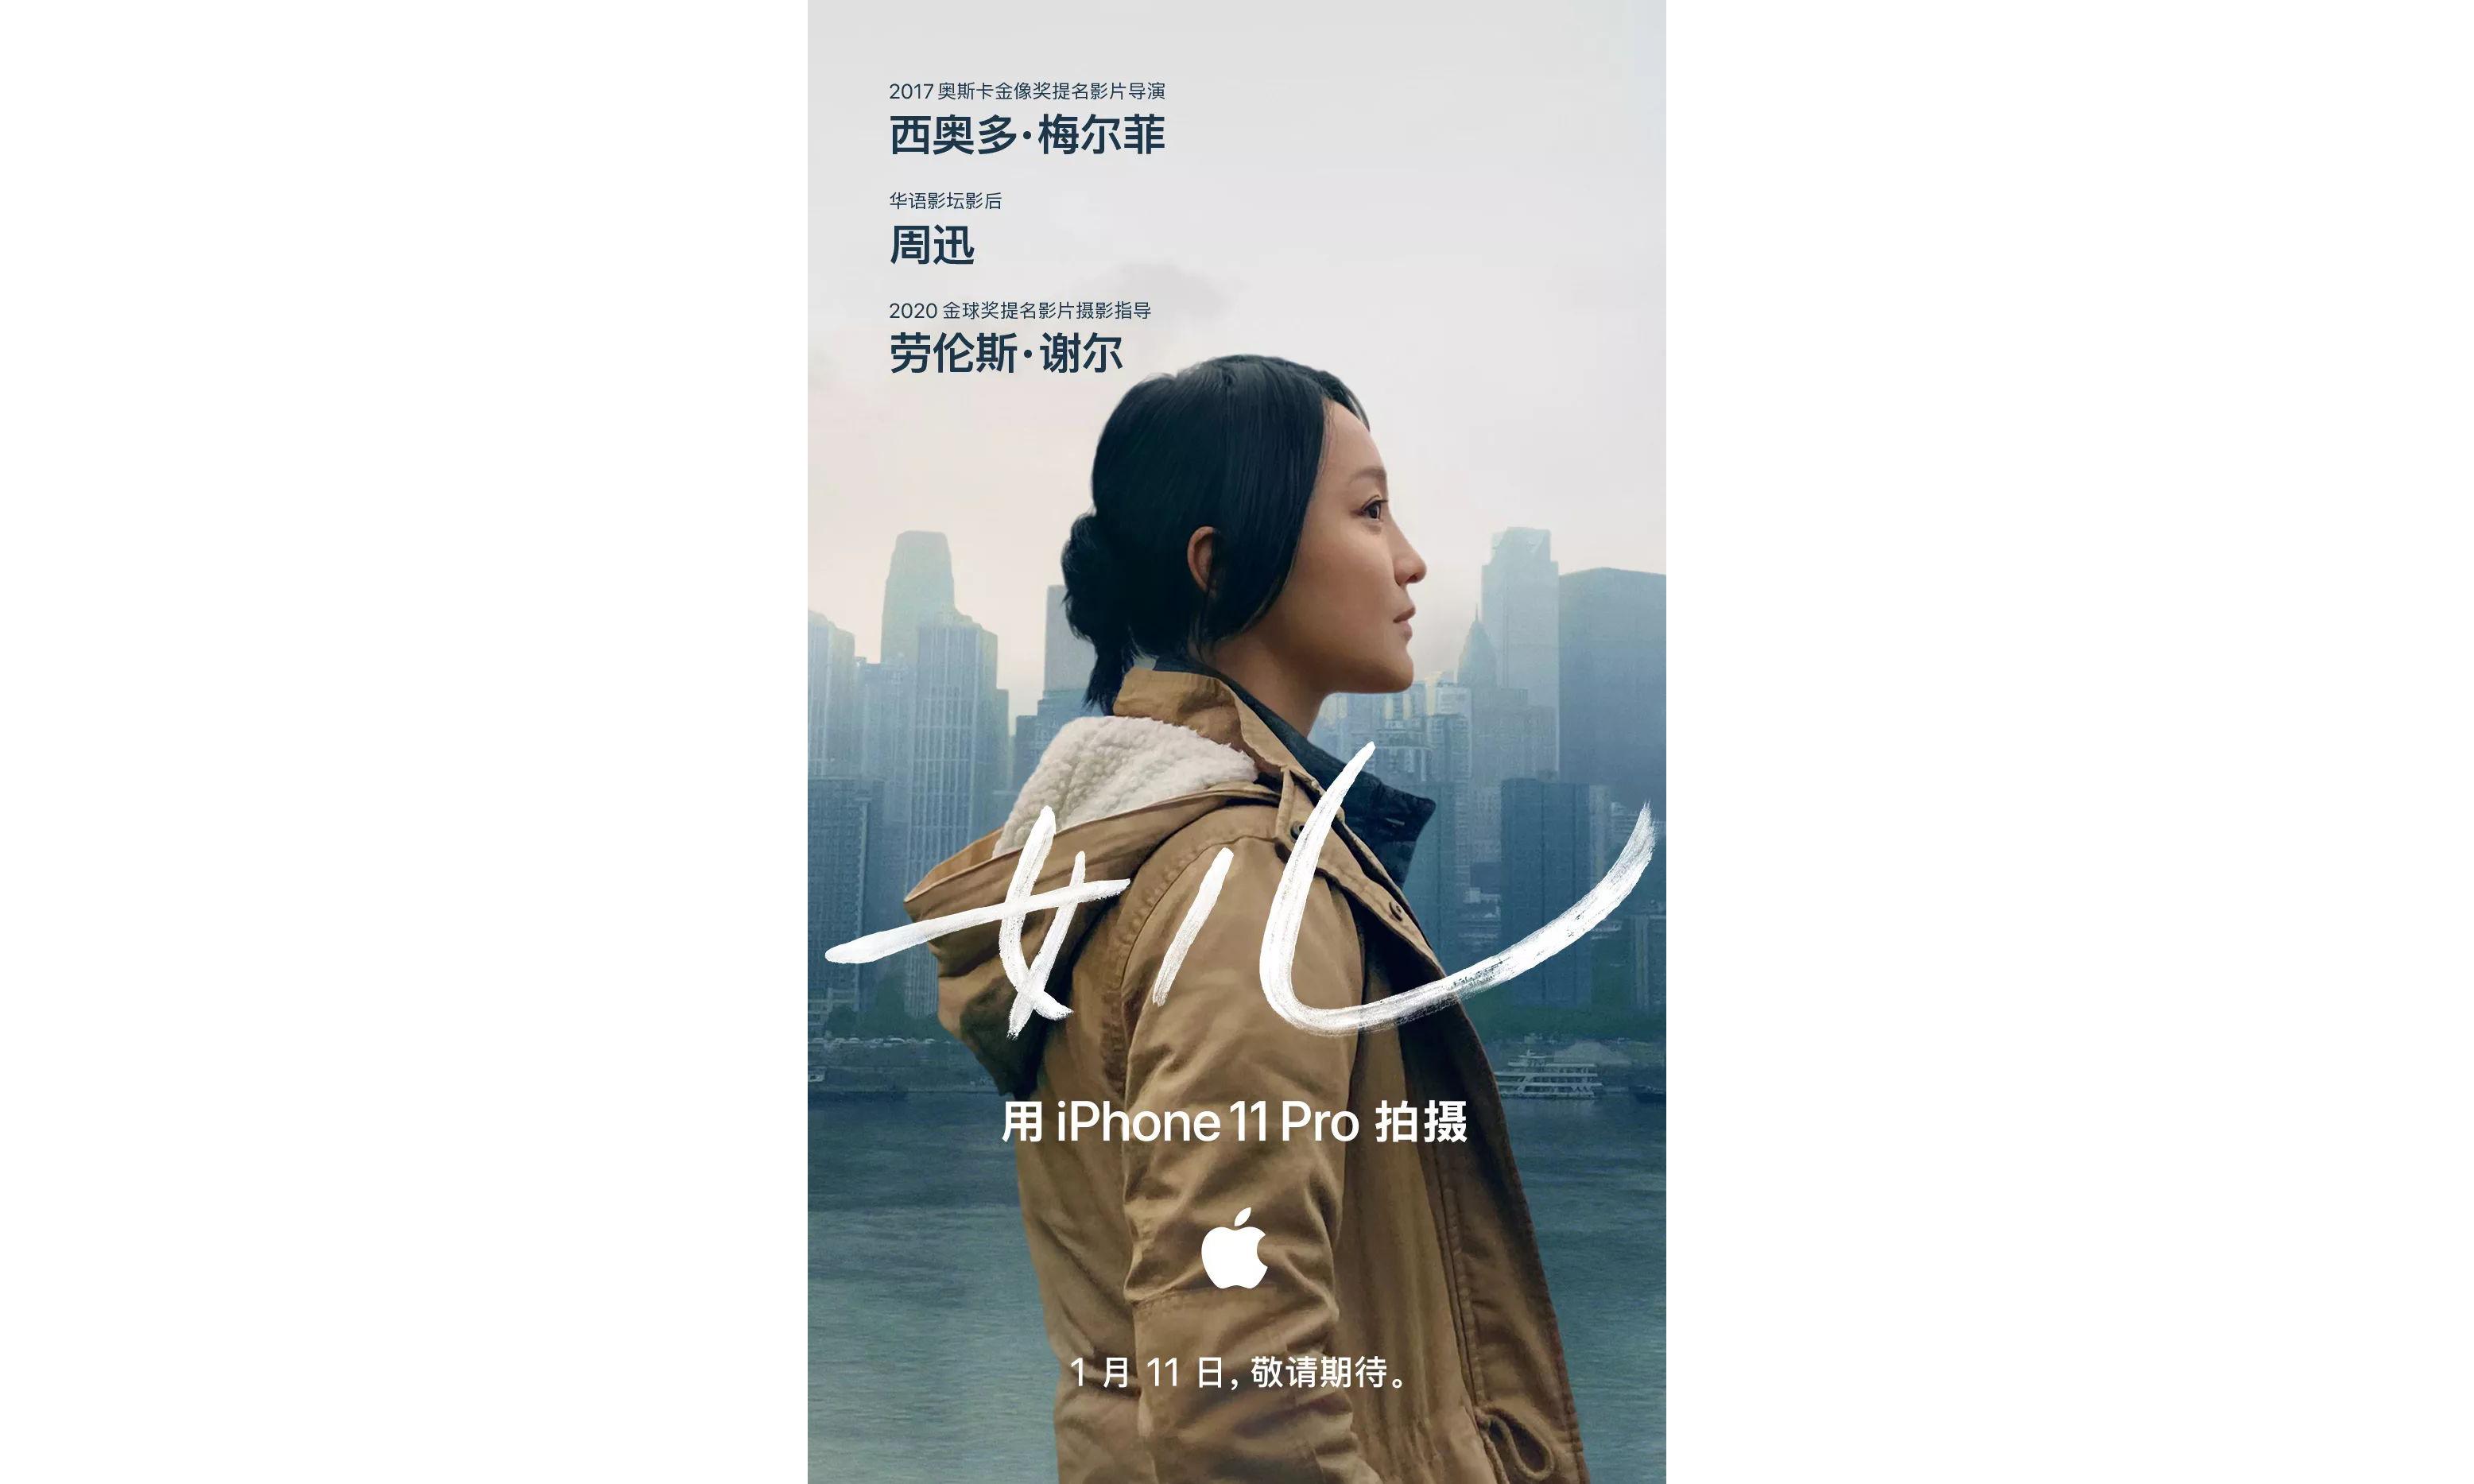 iPhone 11 Pro 新春大片《女儿》预告片发布